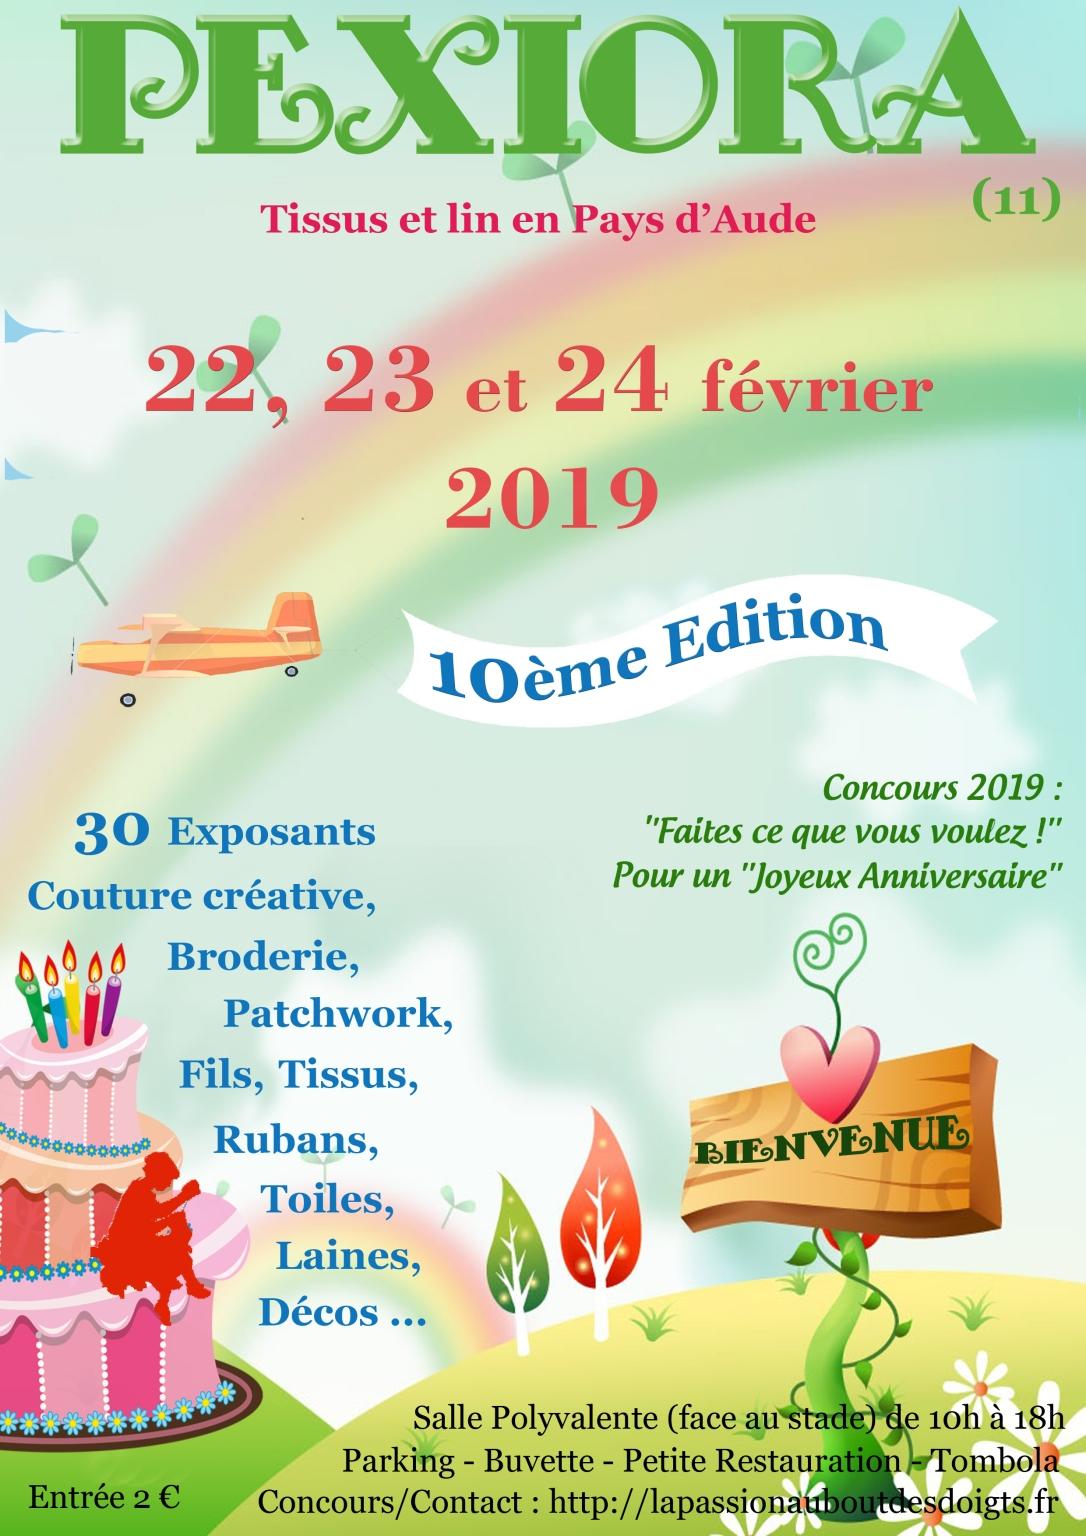 affiche-Pexiora-2019-25-v2.jpg